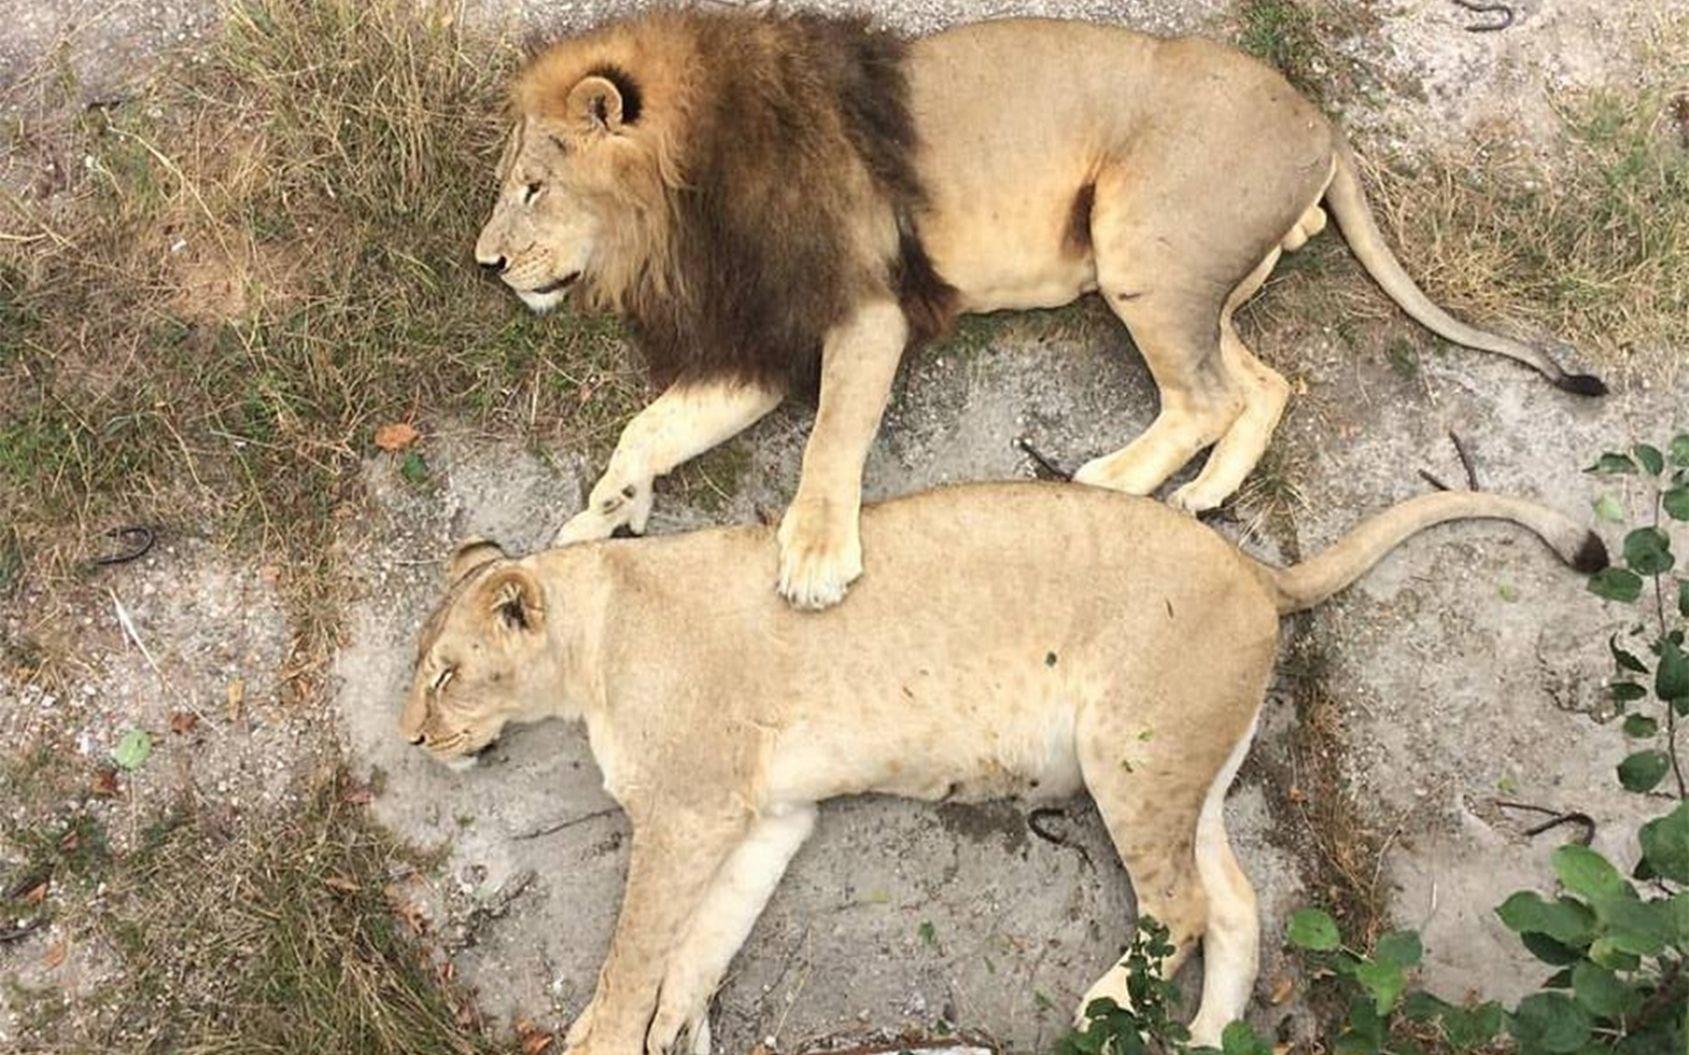 雄狮和母狮最大的区别在于鬃毛